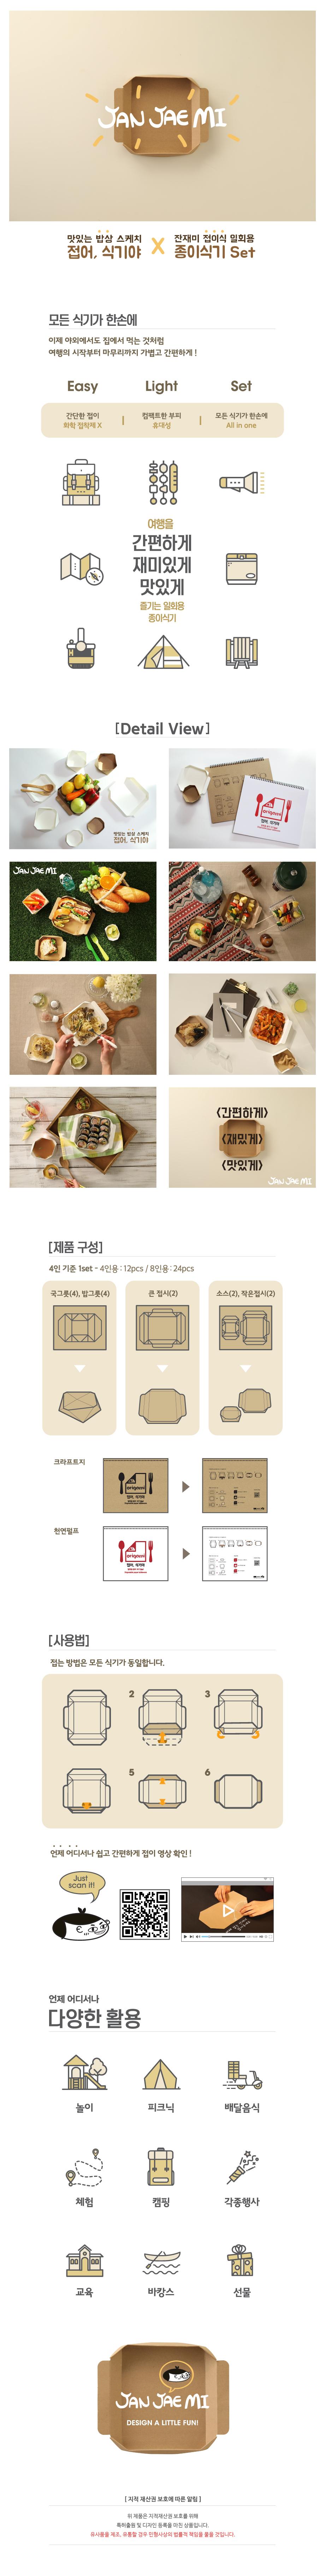 일회용 종이식기SET_ 접어 식기야 - 잔재미, 7,000원, 피크닉도시락/식기, 그릇/접시